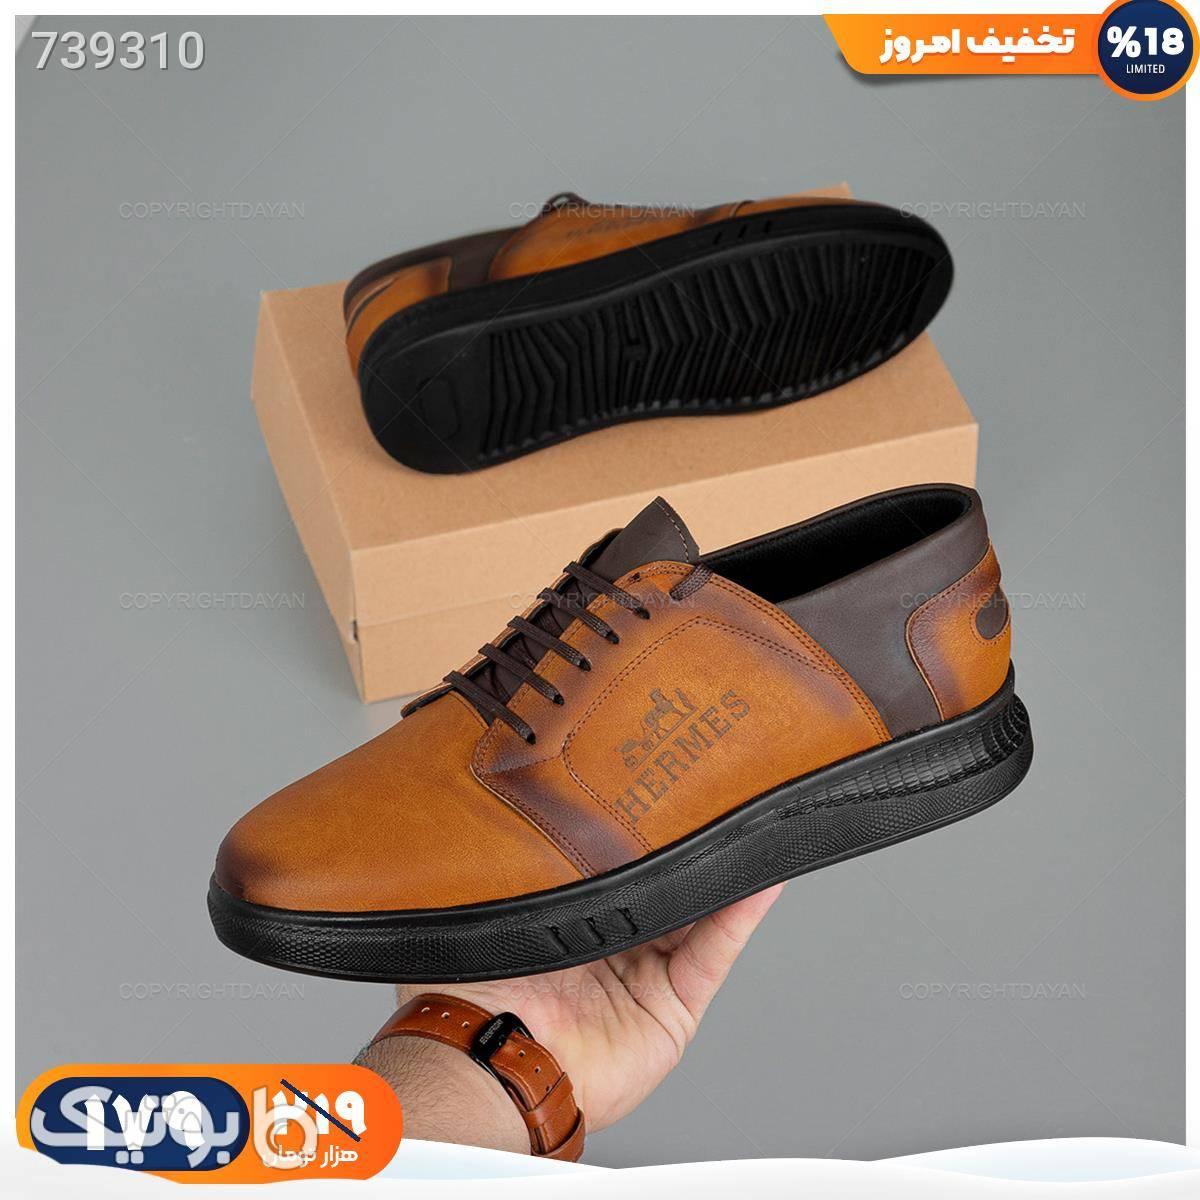 کفش مردانه Hermes مدل 18711 قهوه ای كفش مردانه